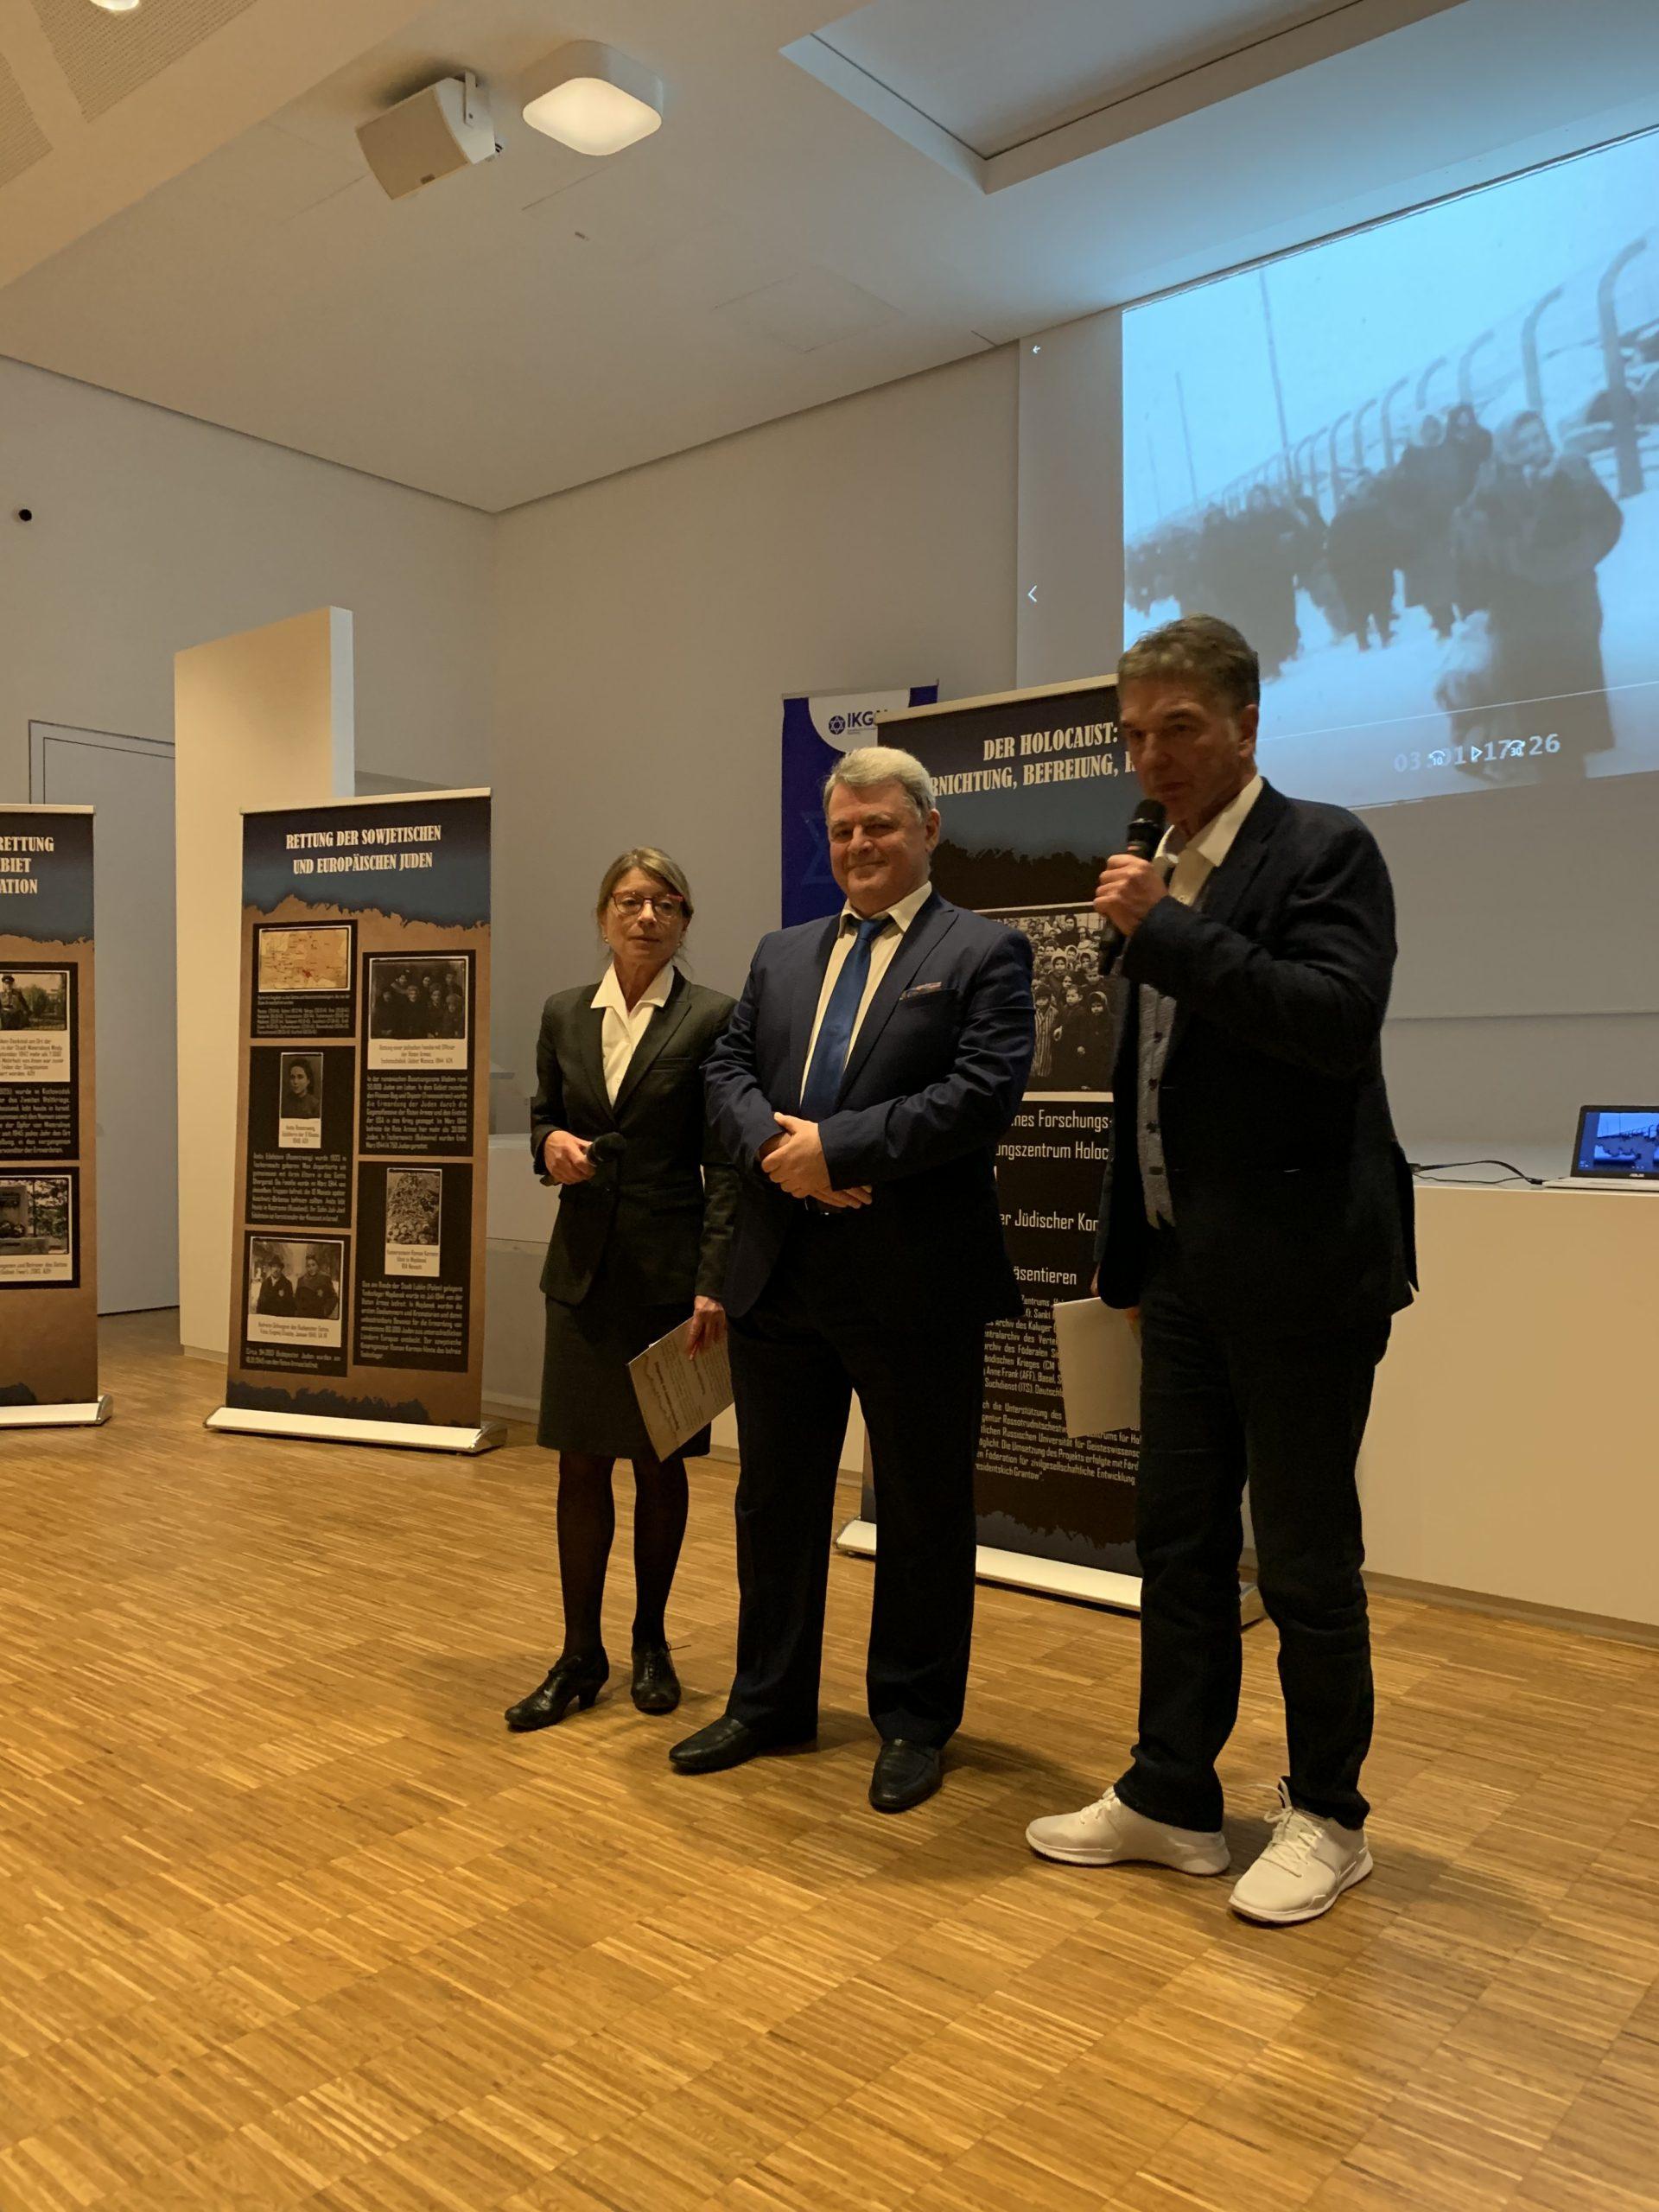 Выставка«Холокост: уничтожение, освобождение, спасение»в Нюрнберге